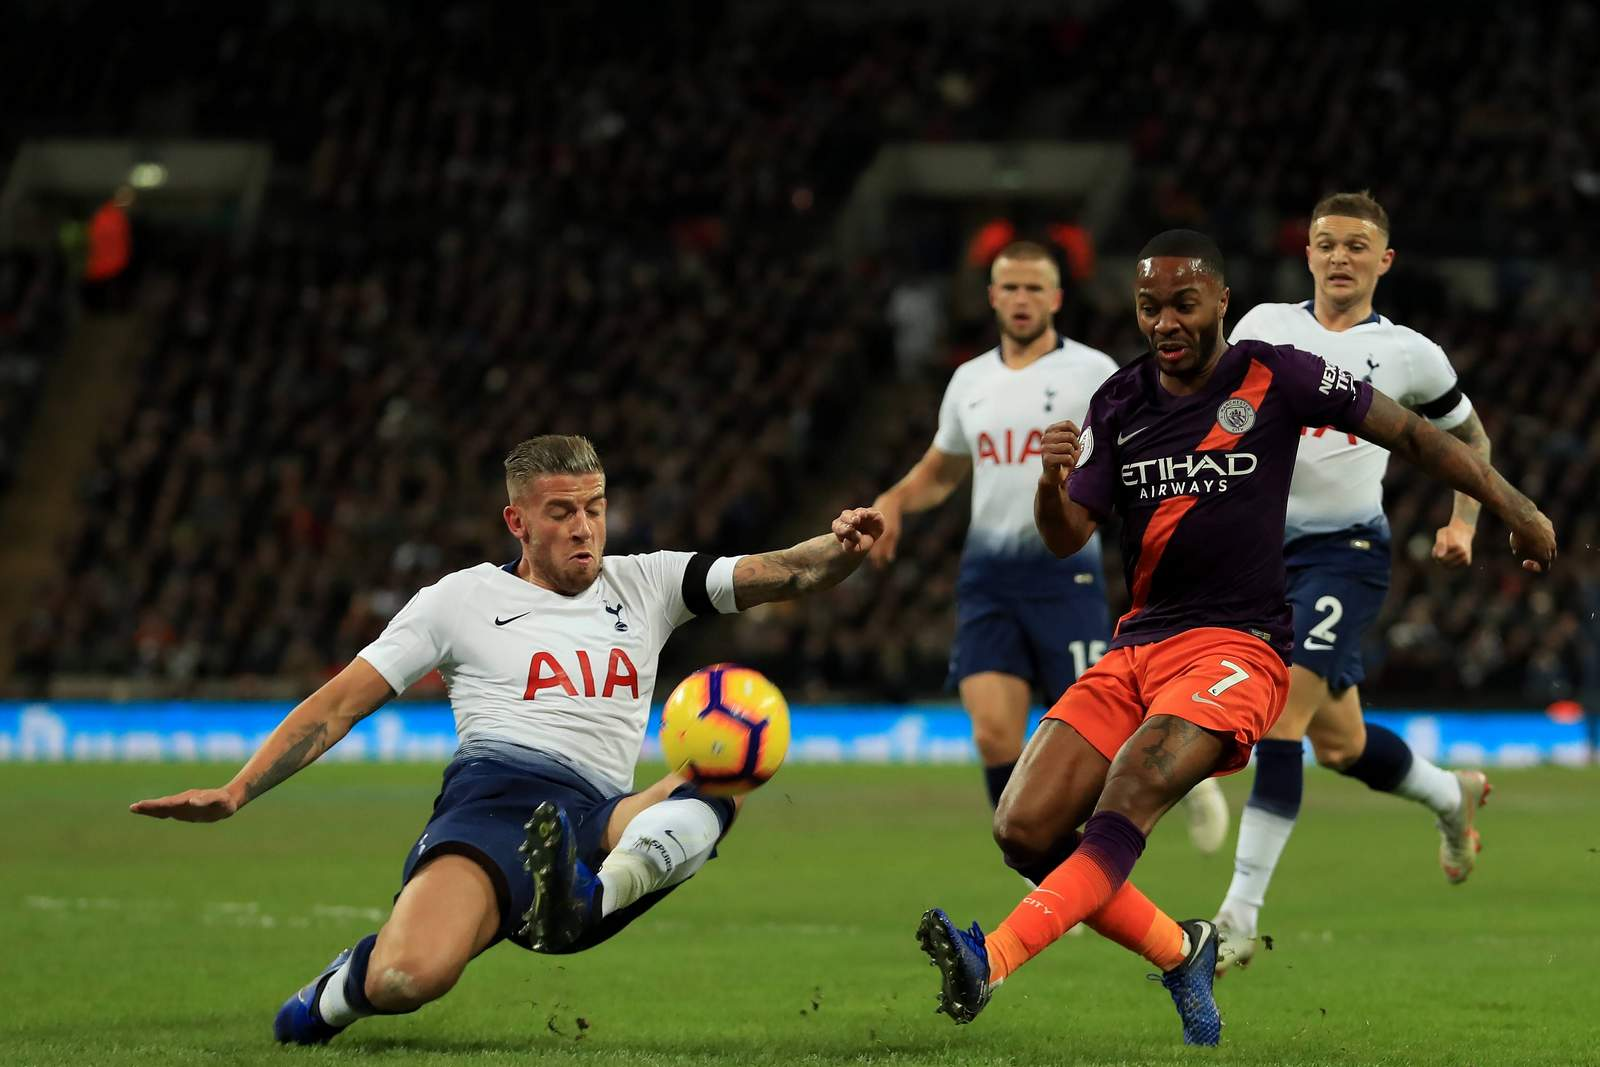 Setzt sich Sterling gegen Alderweireld durch? Jetzt auf Tottenham gegen Man City wetten